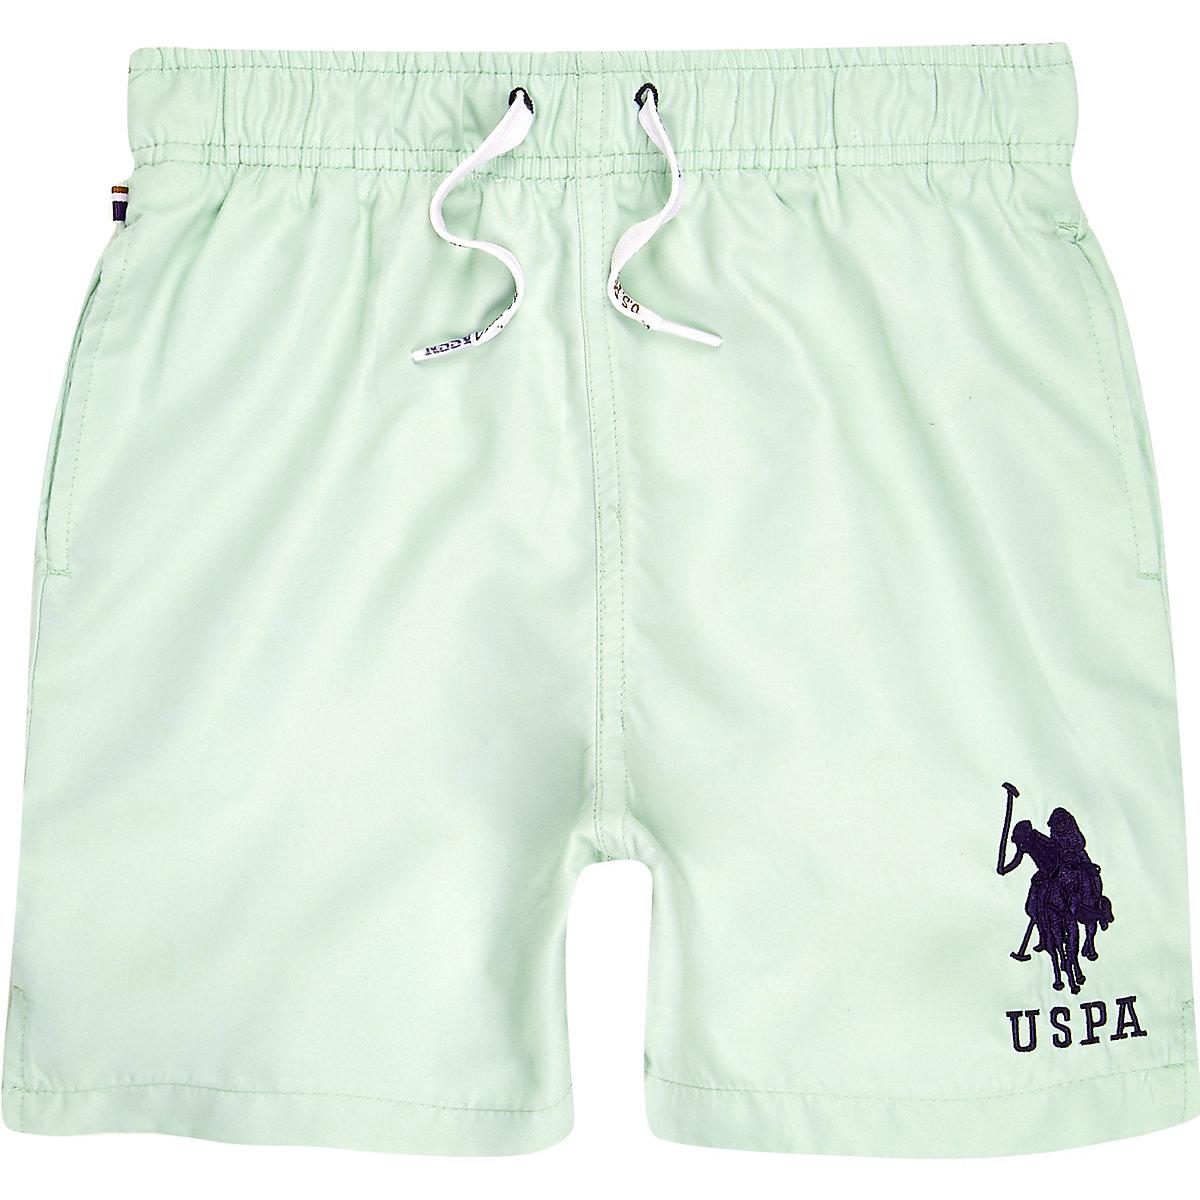 Boys U.S. Polo Assn. blue swim trunks